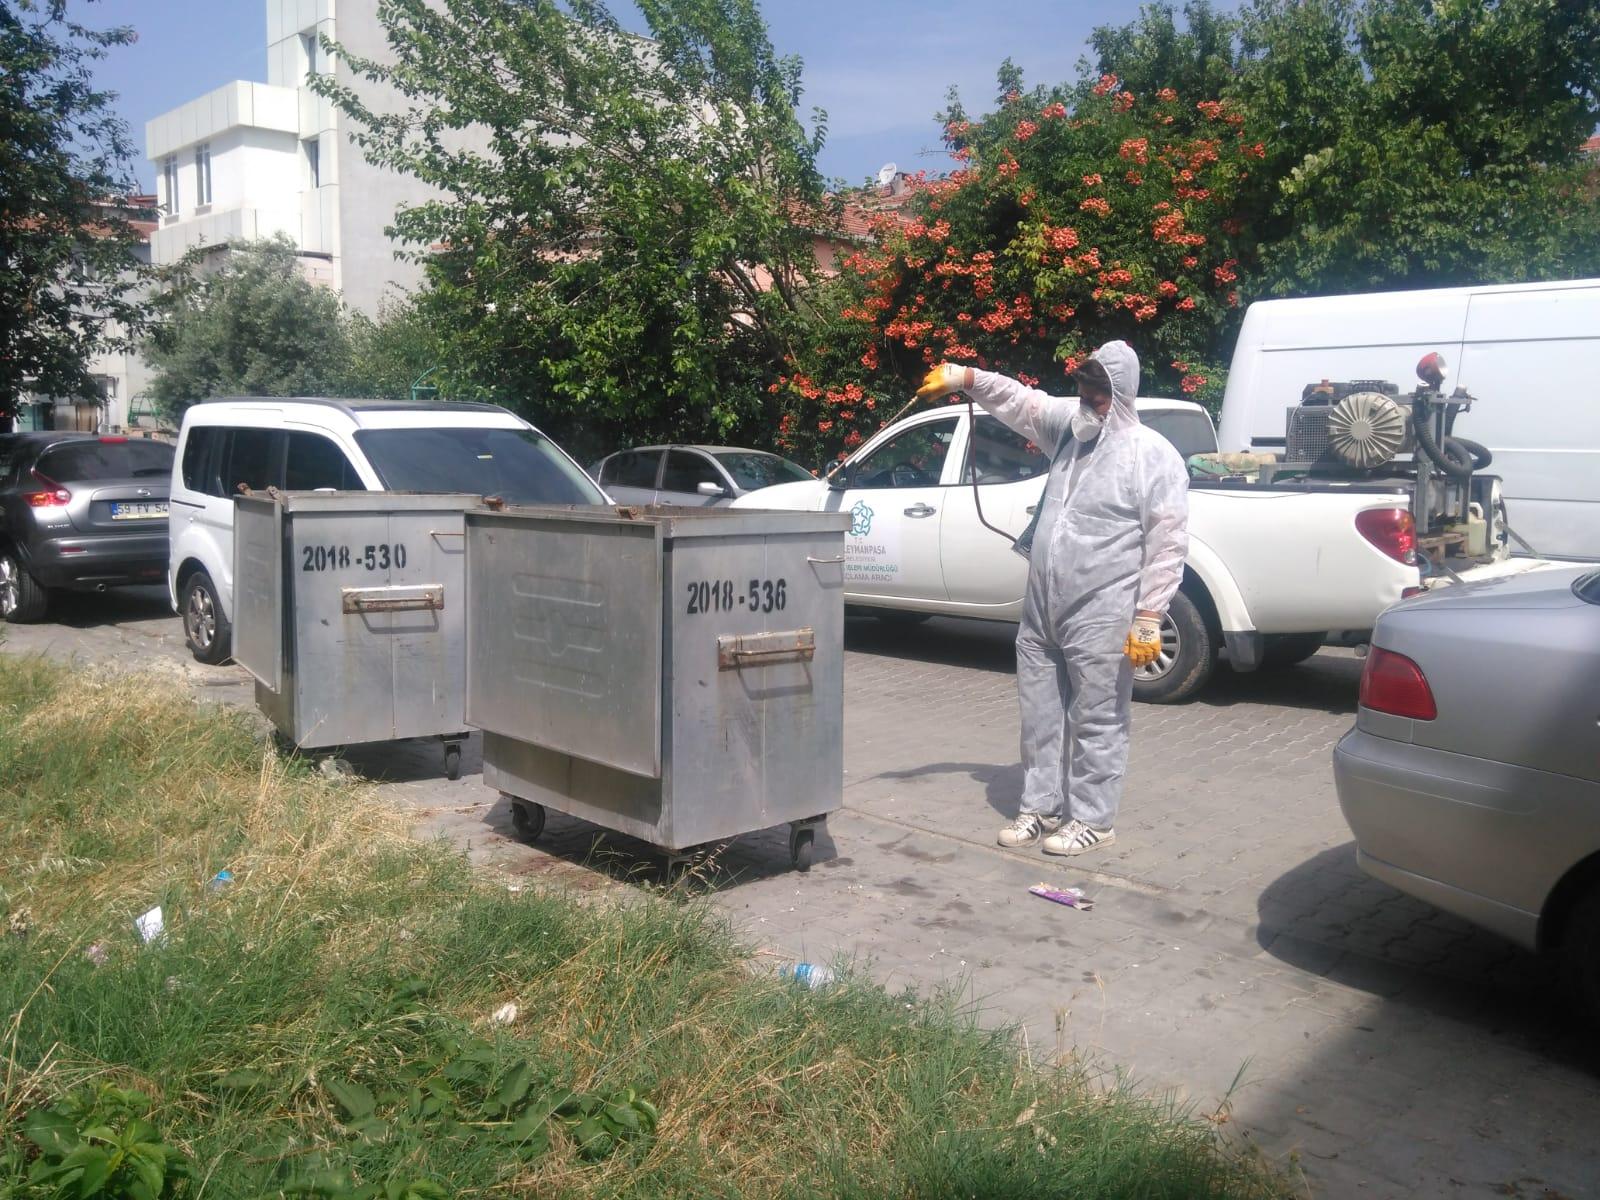 Karasineğe karşı çöp konteynerleri ilaçlanıyor